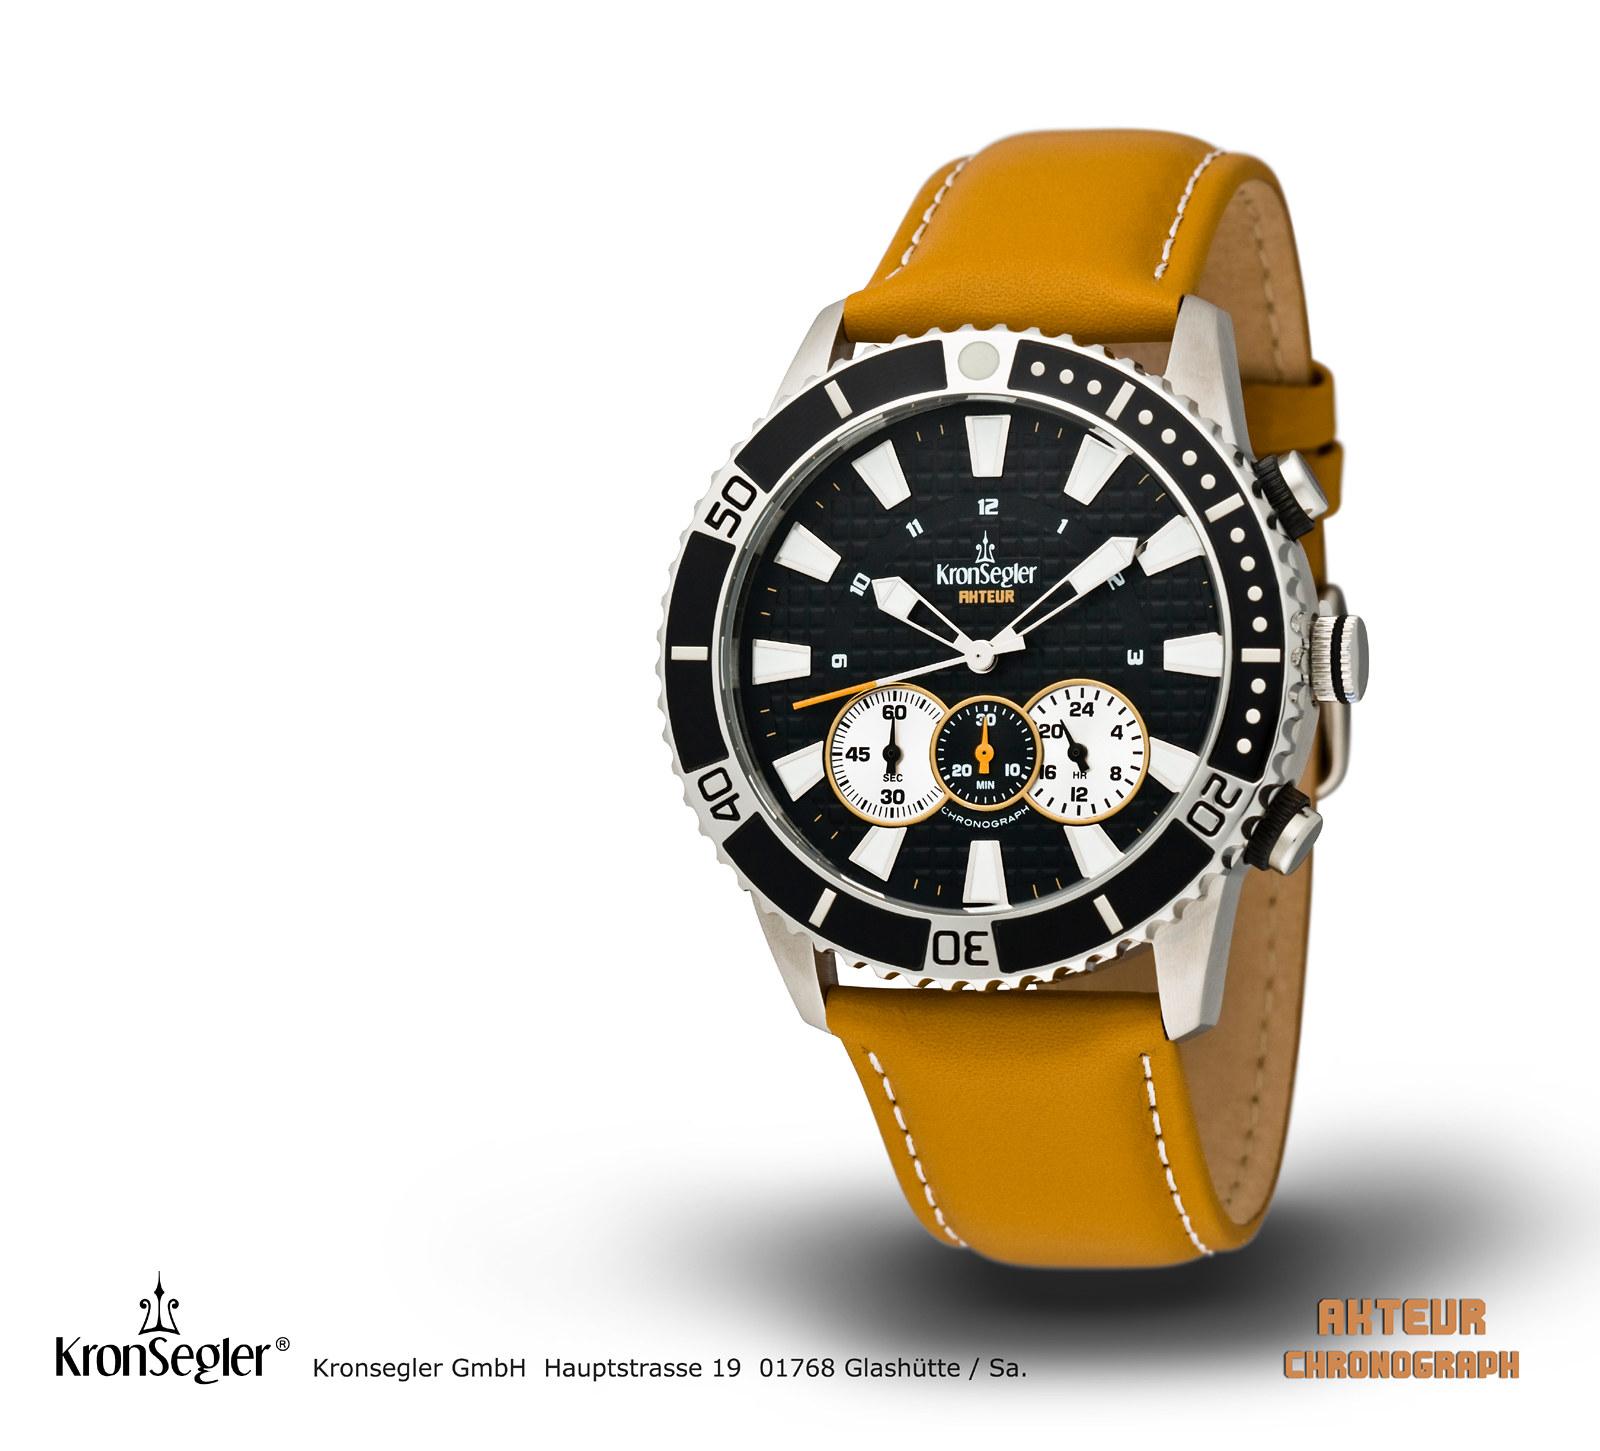 часы Kronsegler Kronsegler Akteur Chronograph Black/Brown